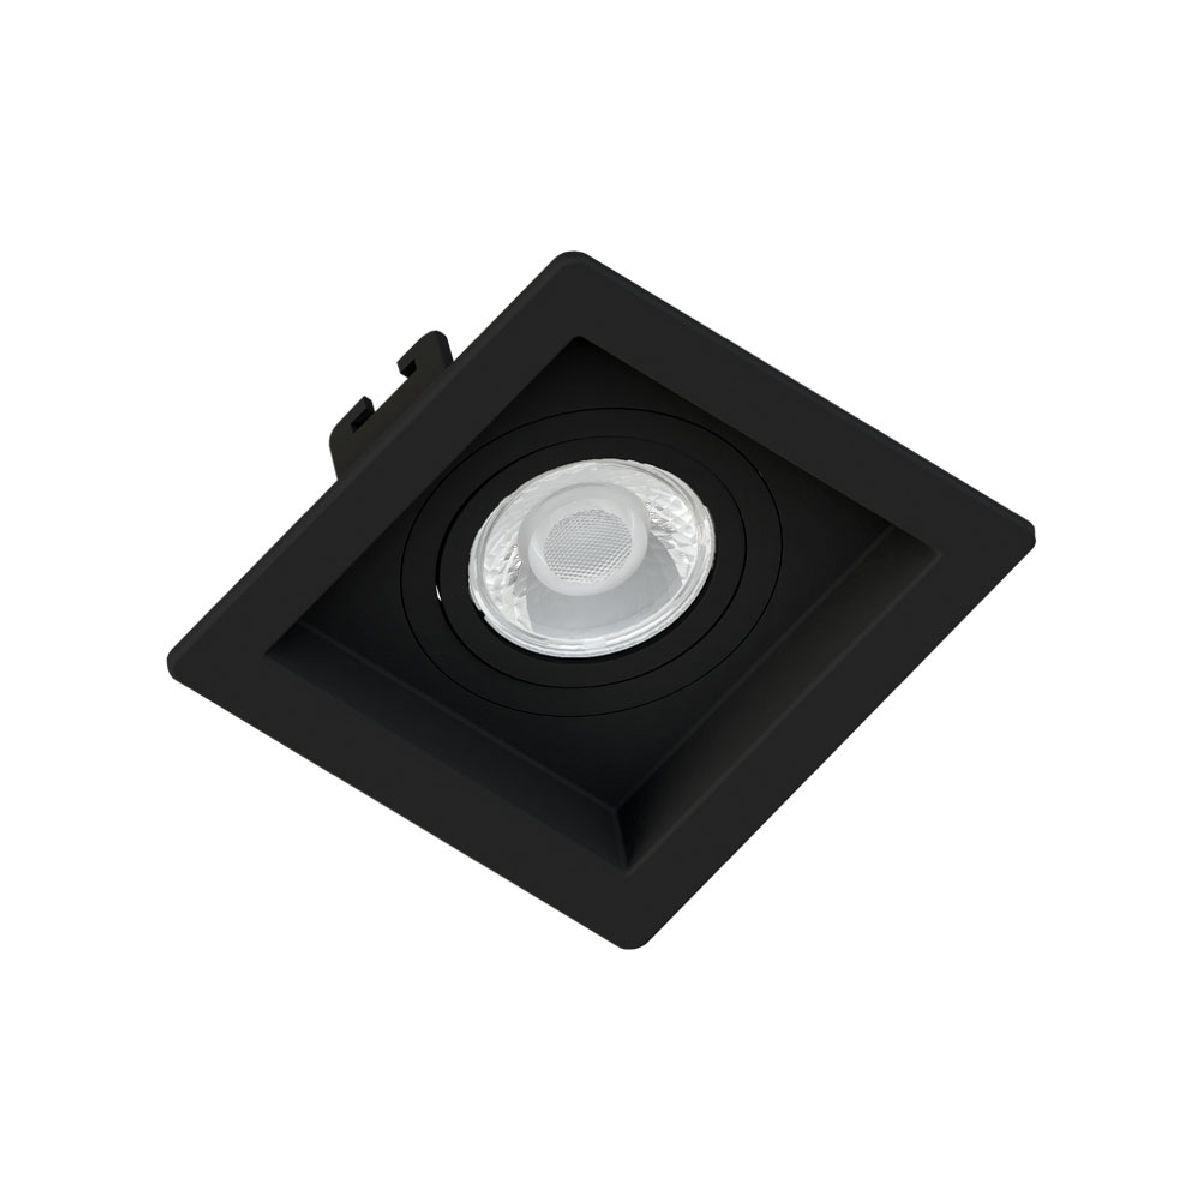 Spot de Embutir Dicroica Quadrado Orientável MR16 Face Recuada Preto